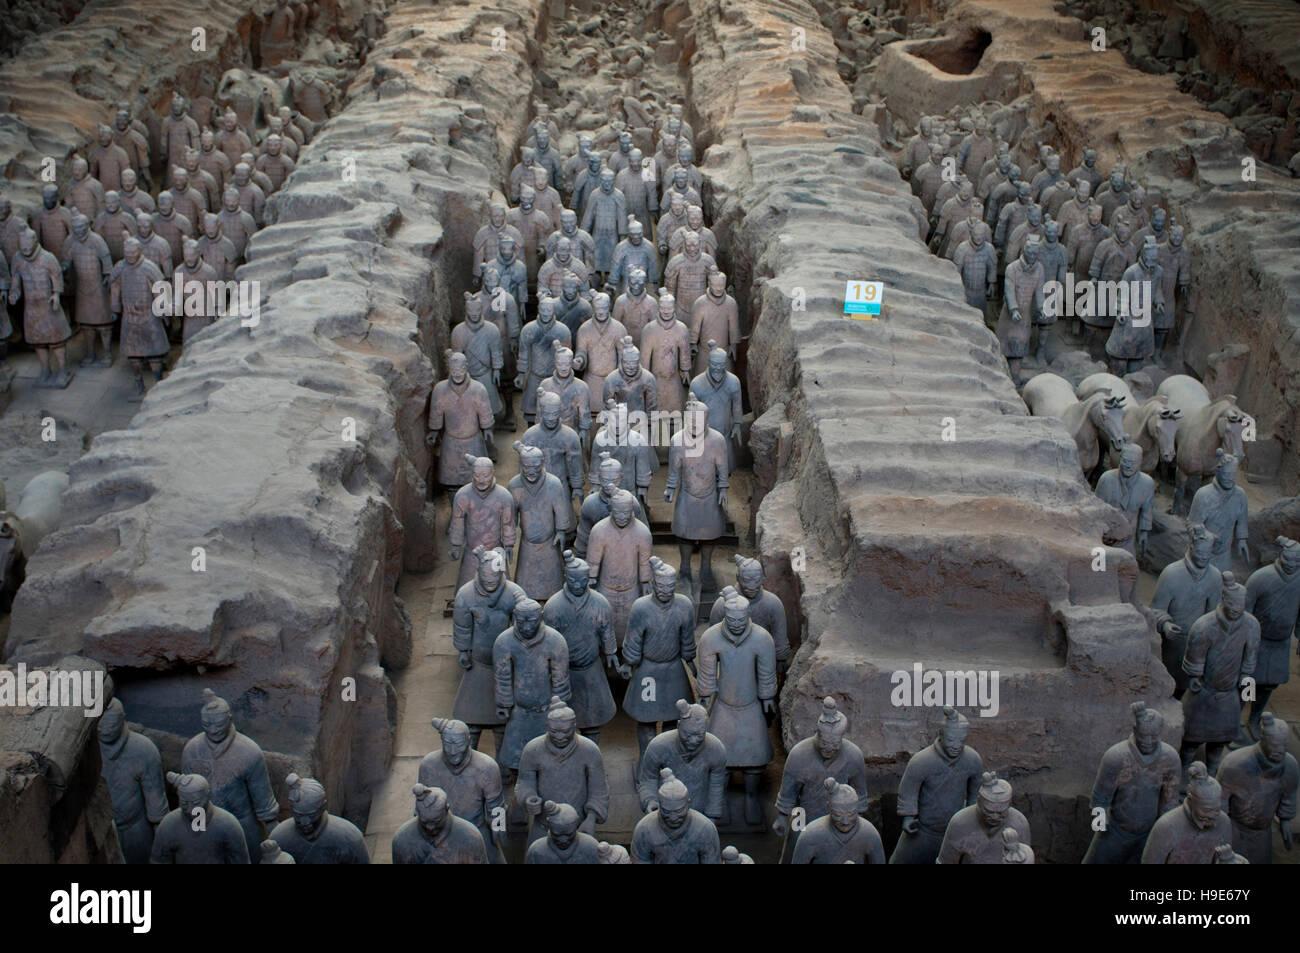 Guerrieri di Terracotta esercito, la buca numero 1, Xian, Shaanxi, Cina, Asia. Un antica collezione di sculture Immagini Stock